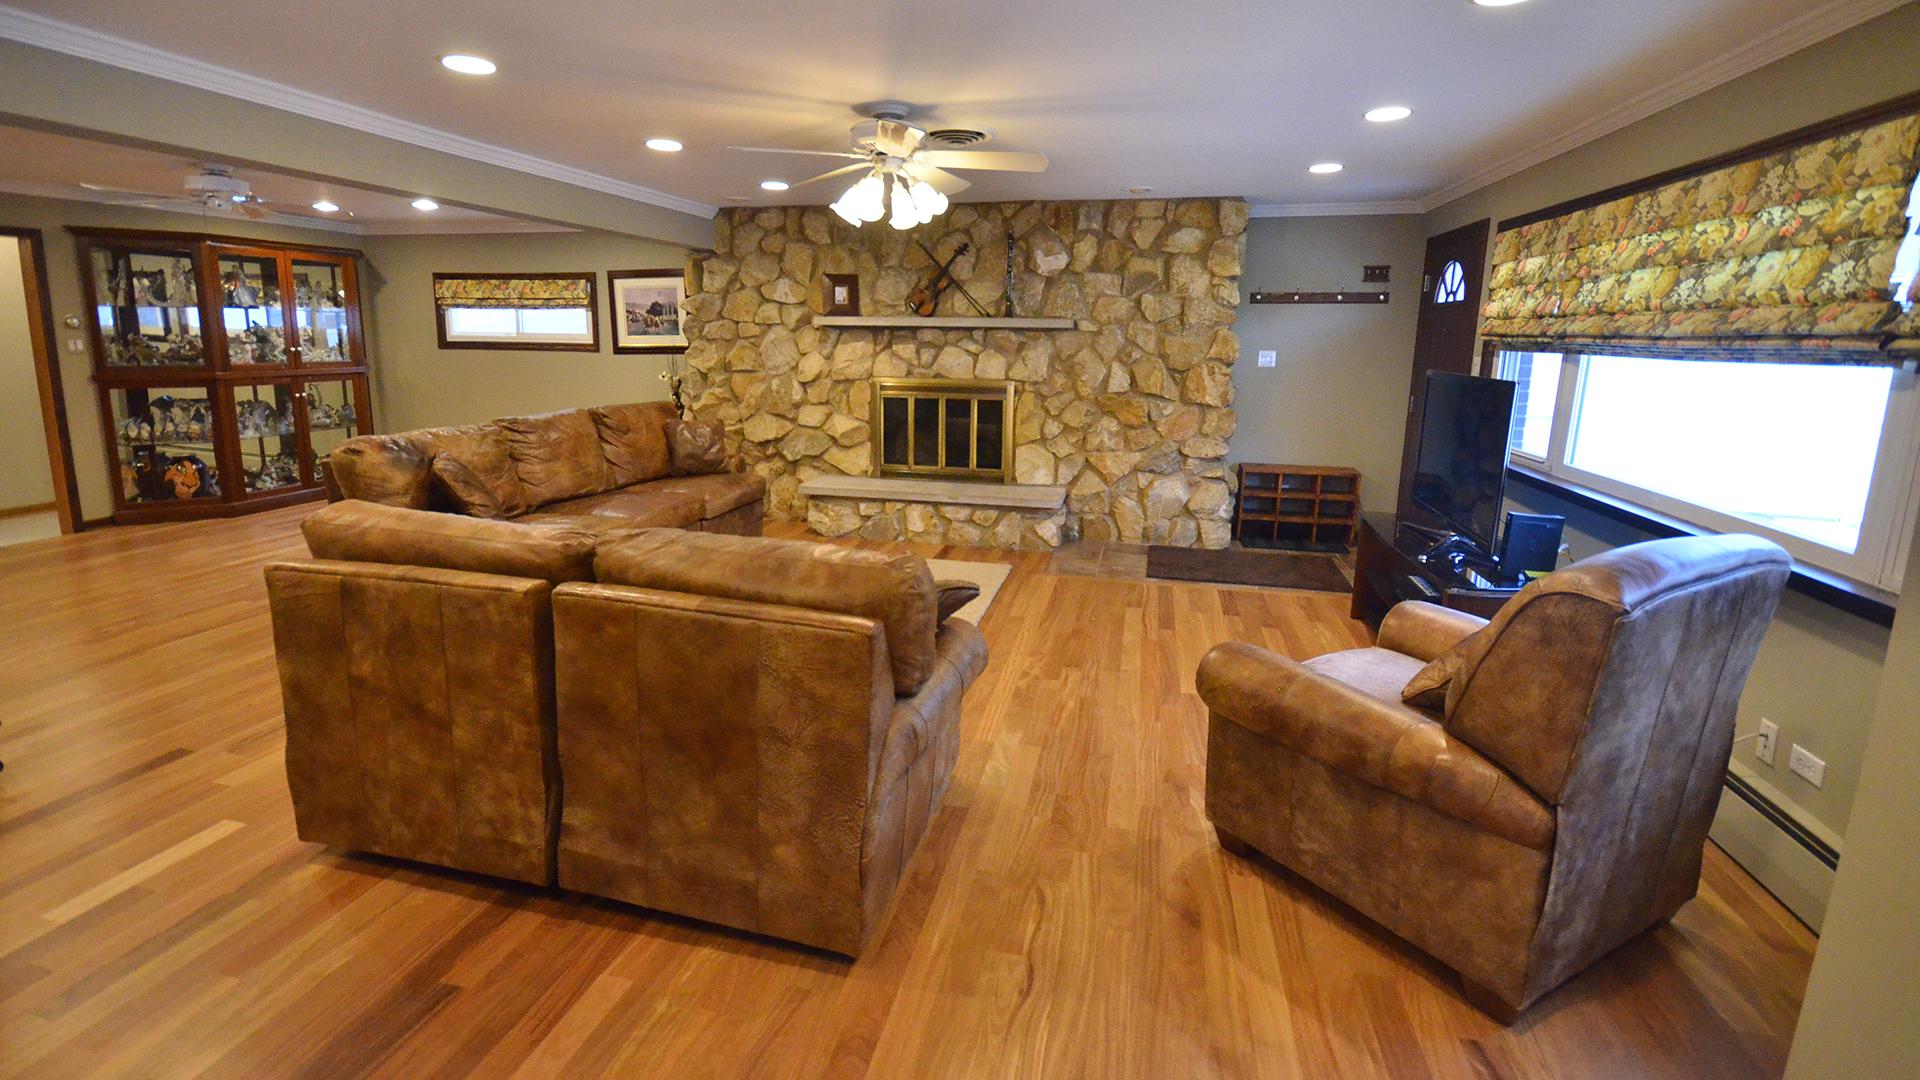 10916 South Kolmar, Oak Lawn, Illinois, 60453